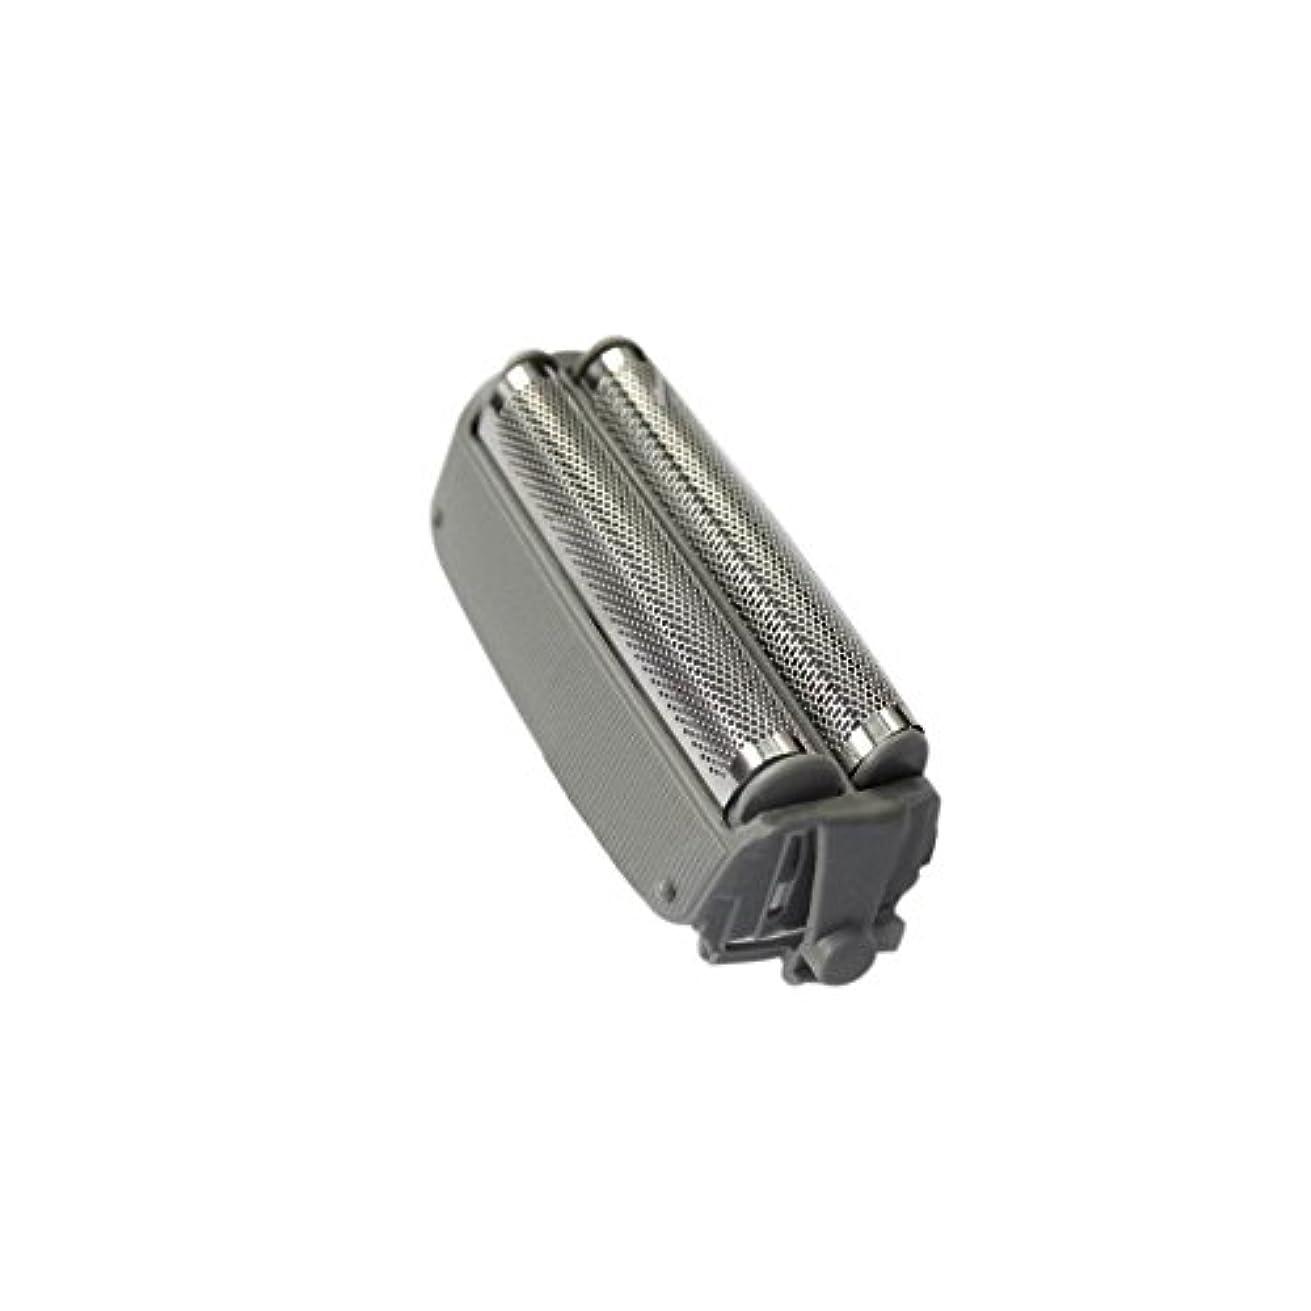 指木曜日課税HZjundasi Replacement Outer ホイル for Panasonic ES4027/33/35/36 ES4820/23 ES9859